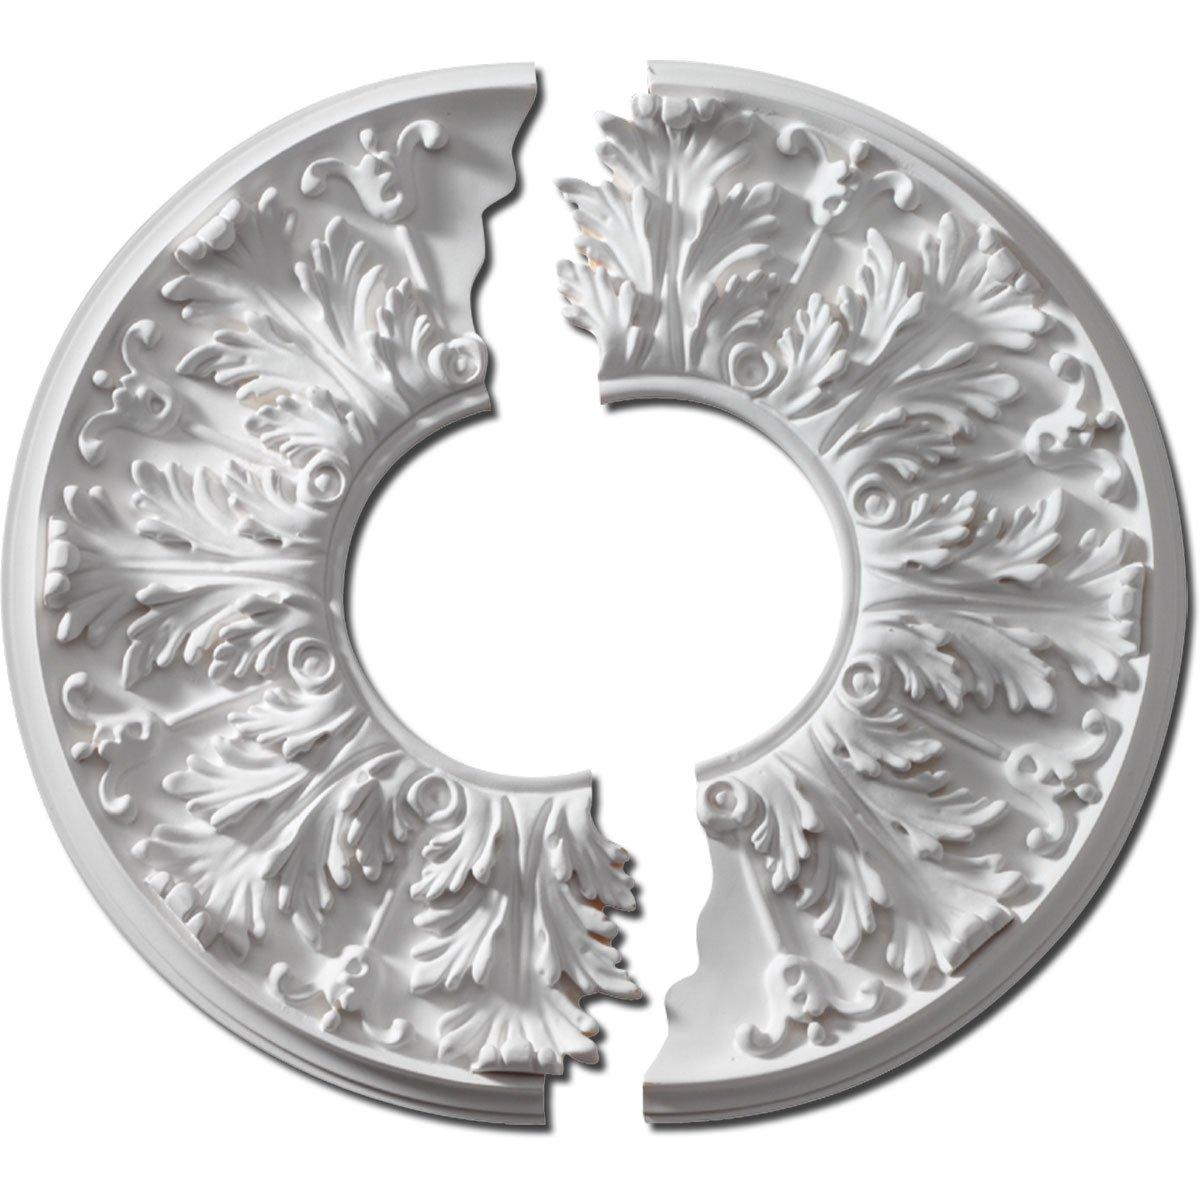 Fypon CM16FL2 16''OD x 5 5/8''ID x 1 1/8''P Florentine Ceiling Medallion, 2 Piece by Fypon (Image #1)